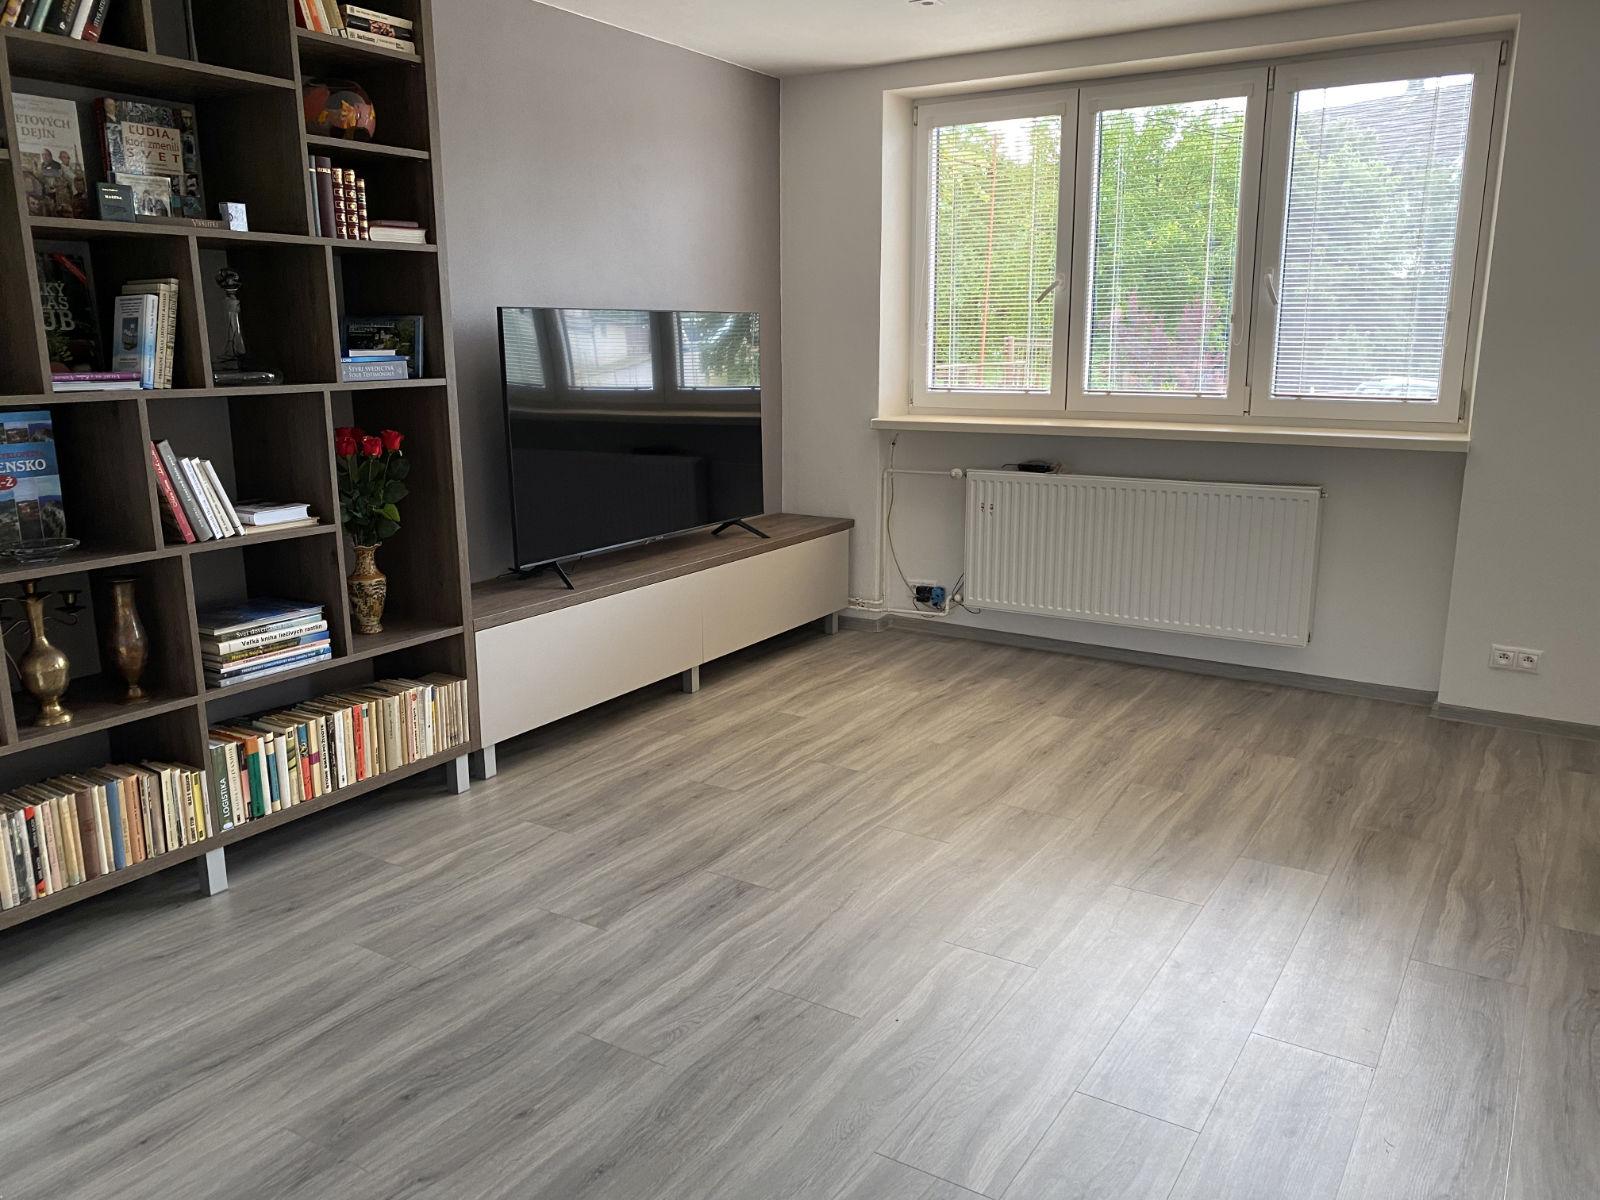 Kompozitná podlaha Parador Basic 5.3 Dub pastelovo šedý v interiéry